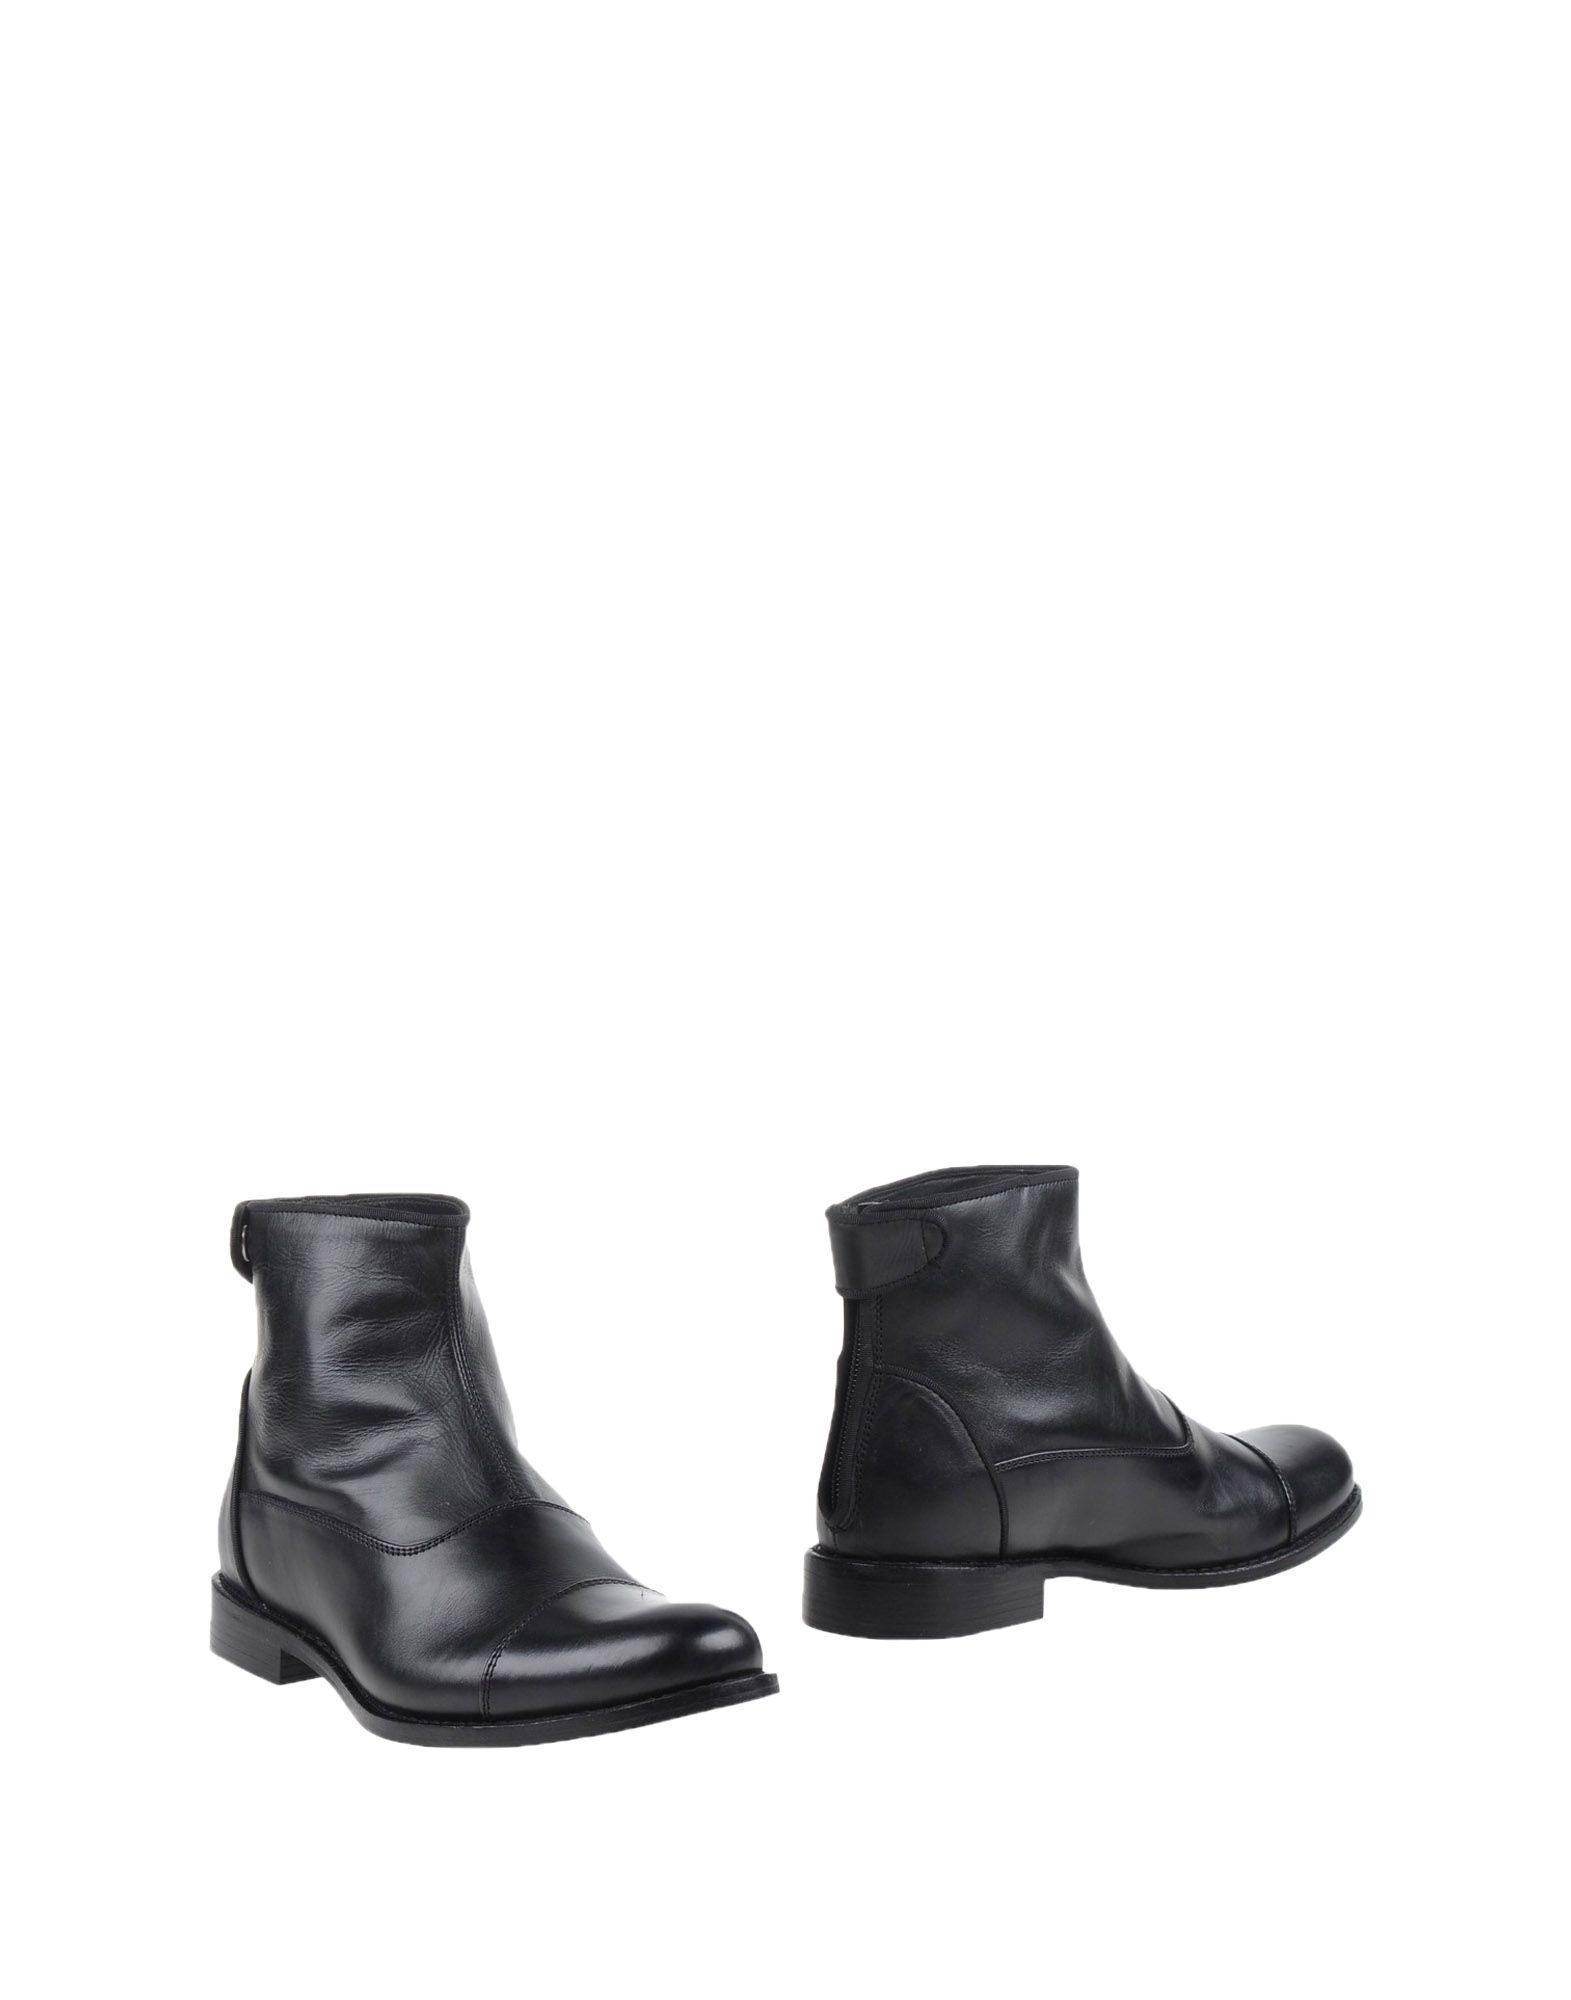 Stilvolle Stiefelette billige Schuhe Mr. Wolf Stiefelette Stilvolle Damen  11023372RS 5c2f95